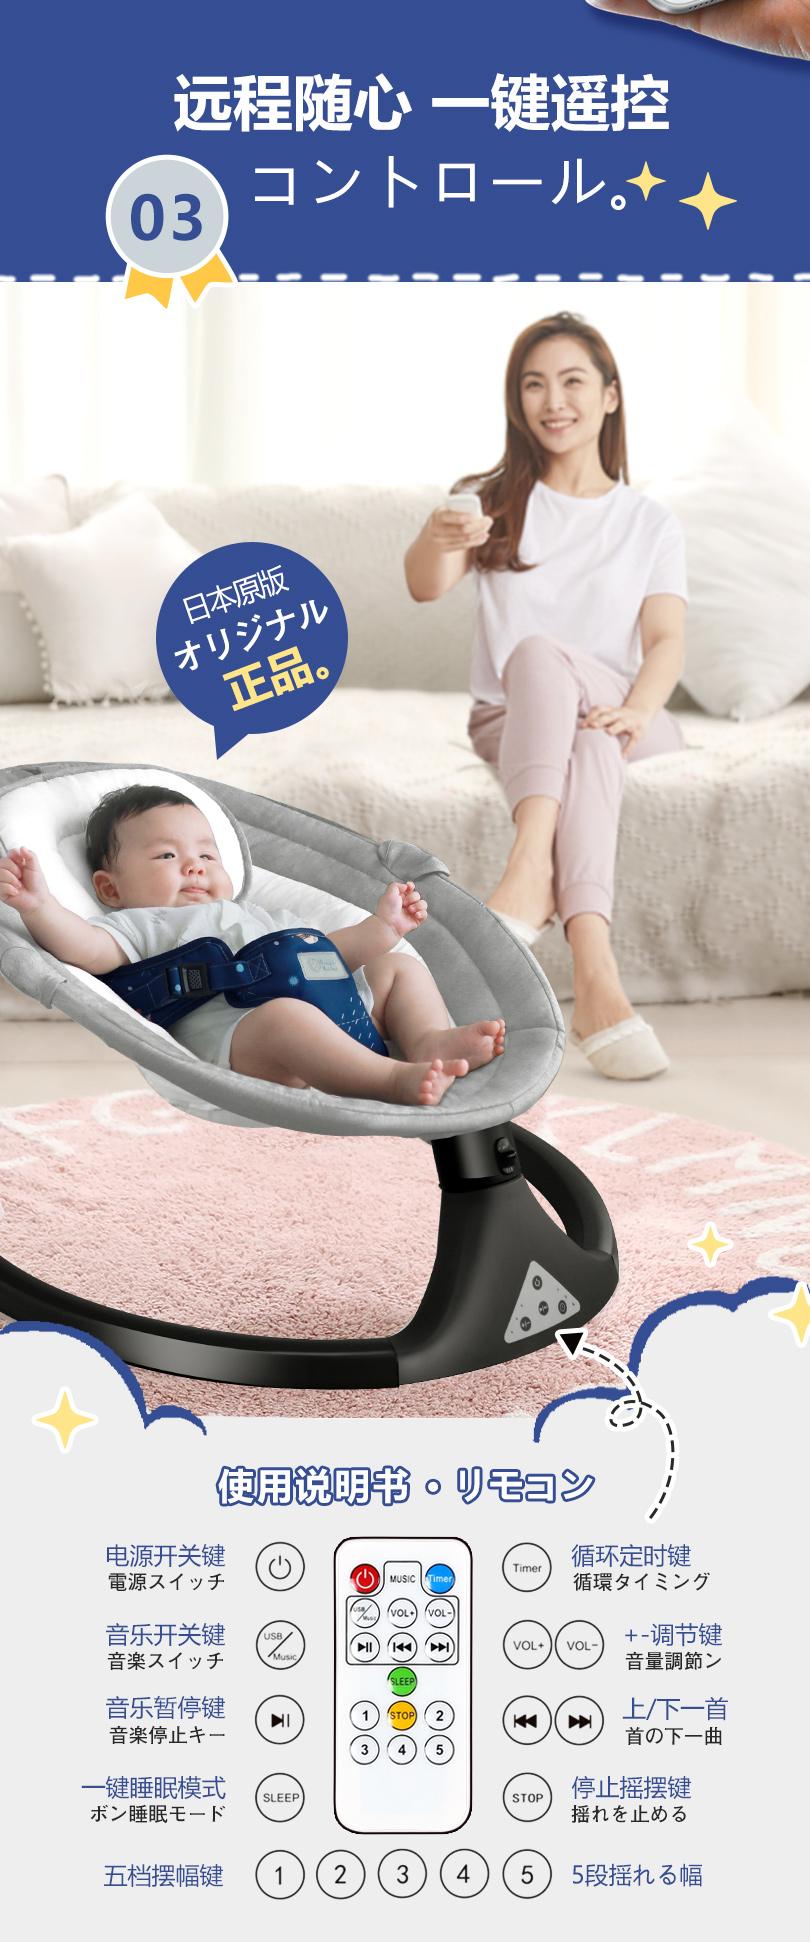 婴儿用品大全新生儿礼盒哄娃神器幼儿玩具婴儿椅满月礼物套装母婴详细照片